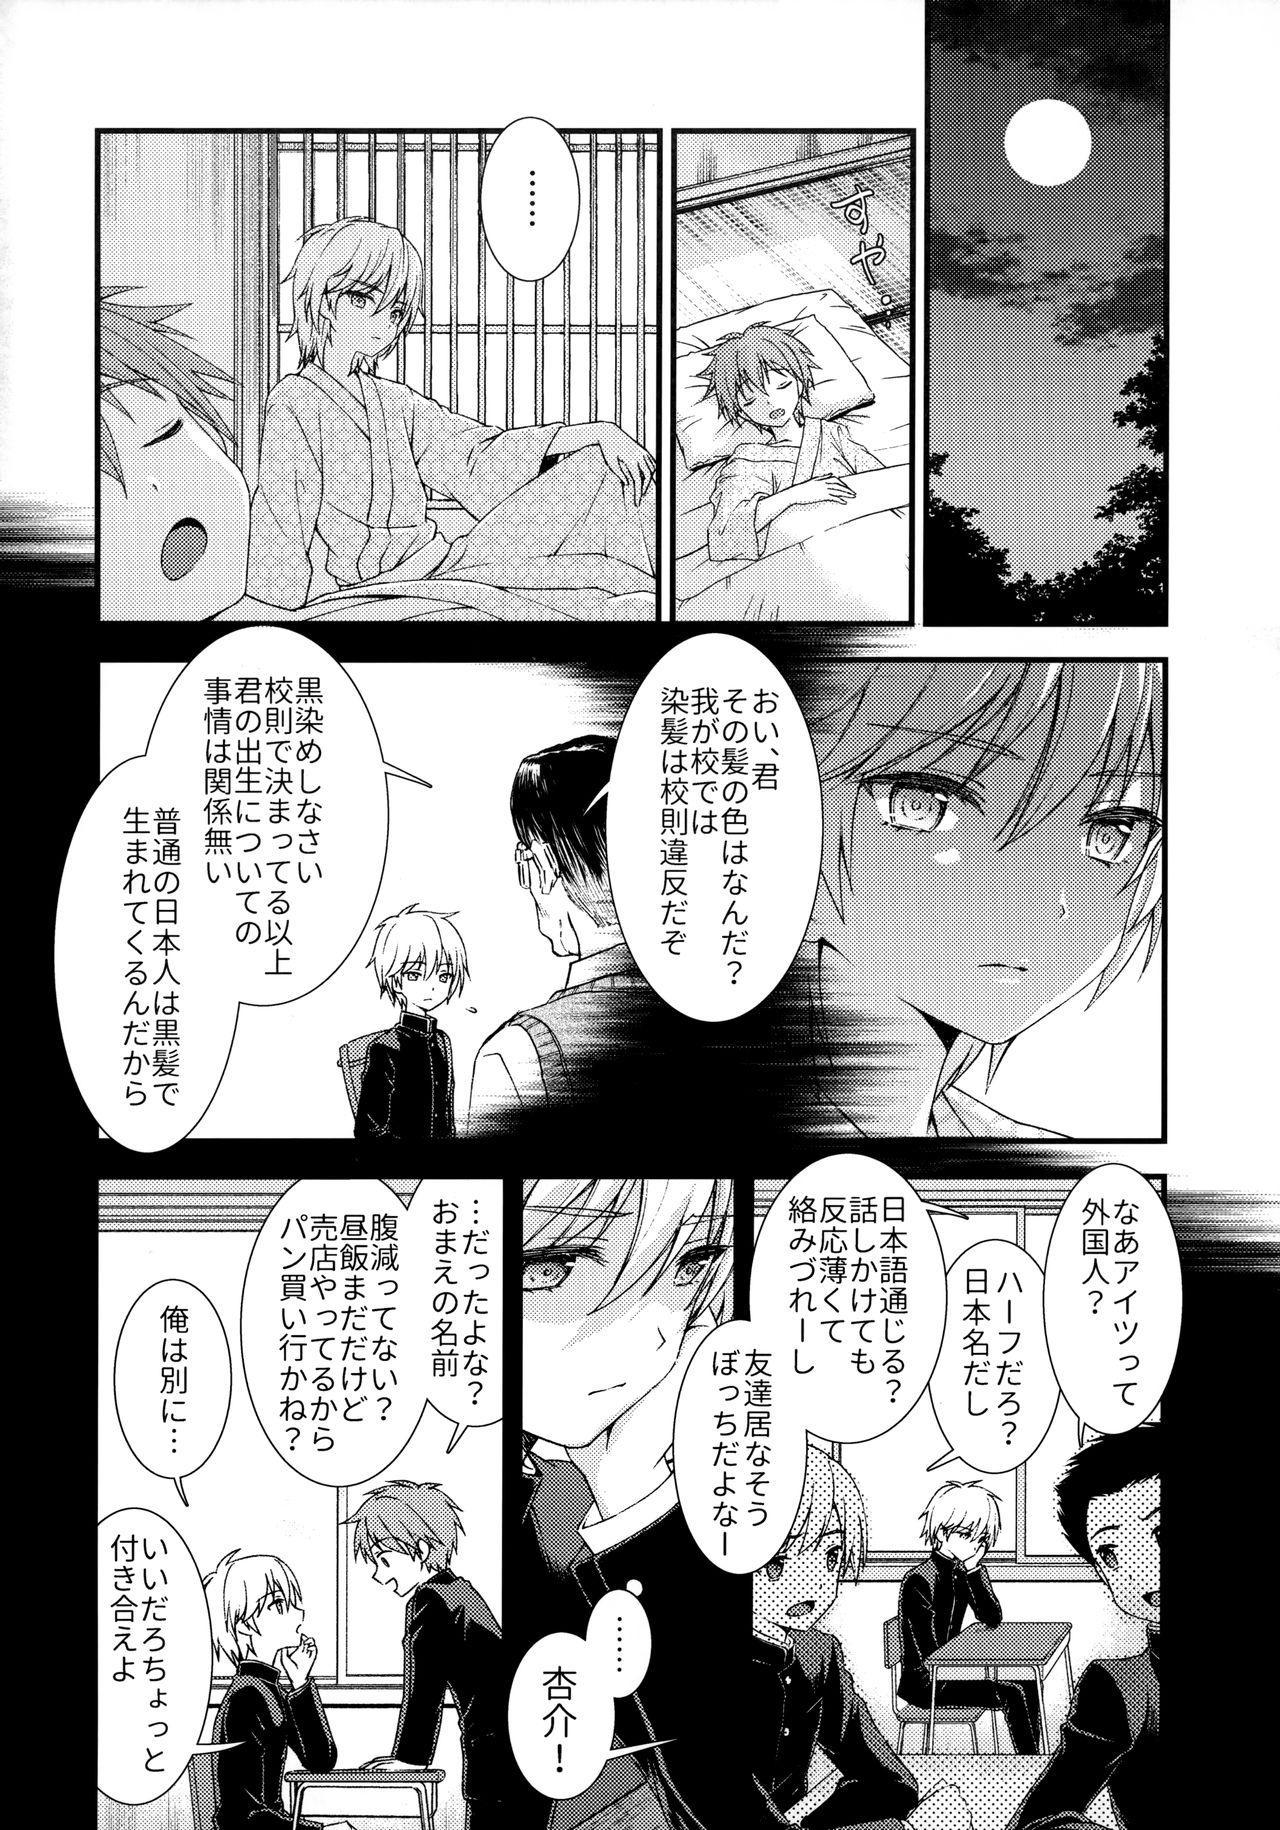 Nagasare 3P Sotsugyou Ryokou 16